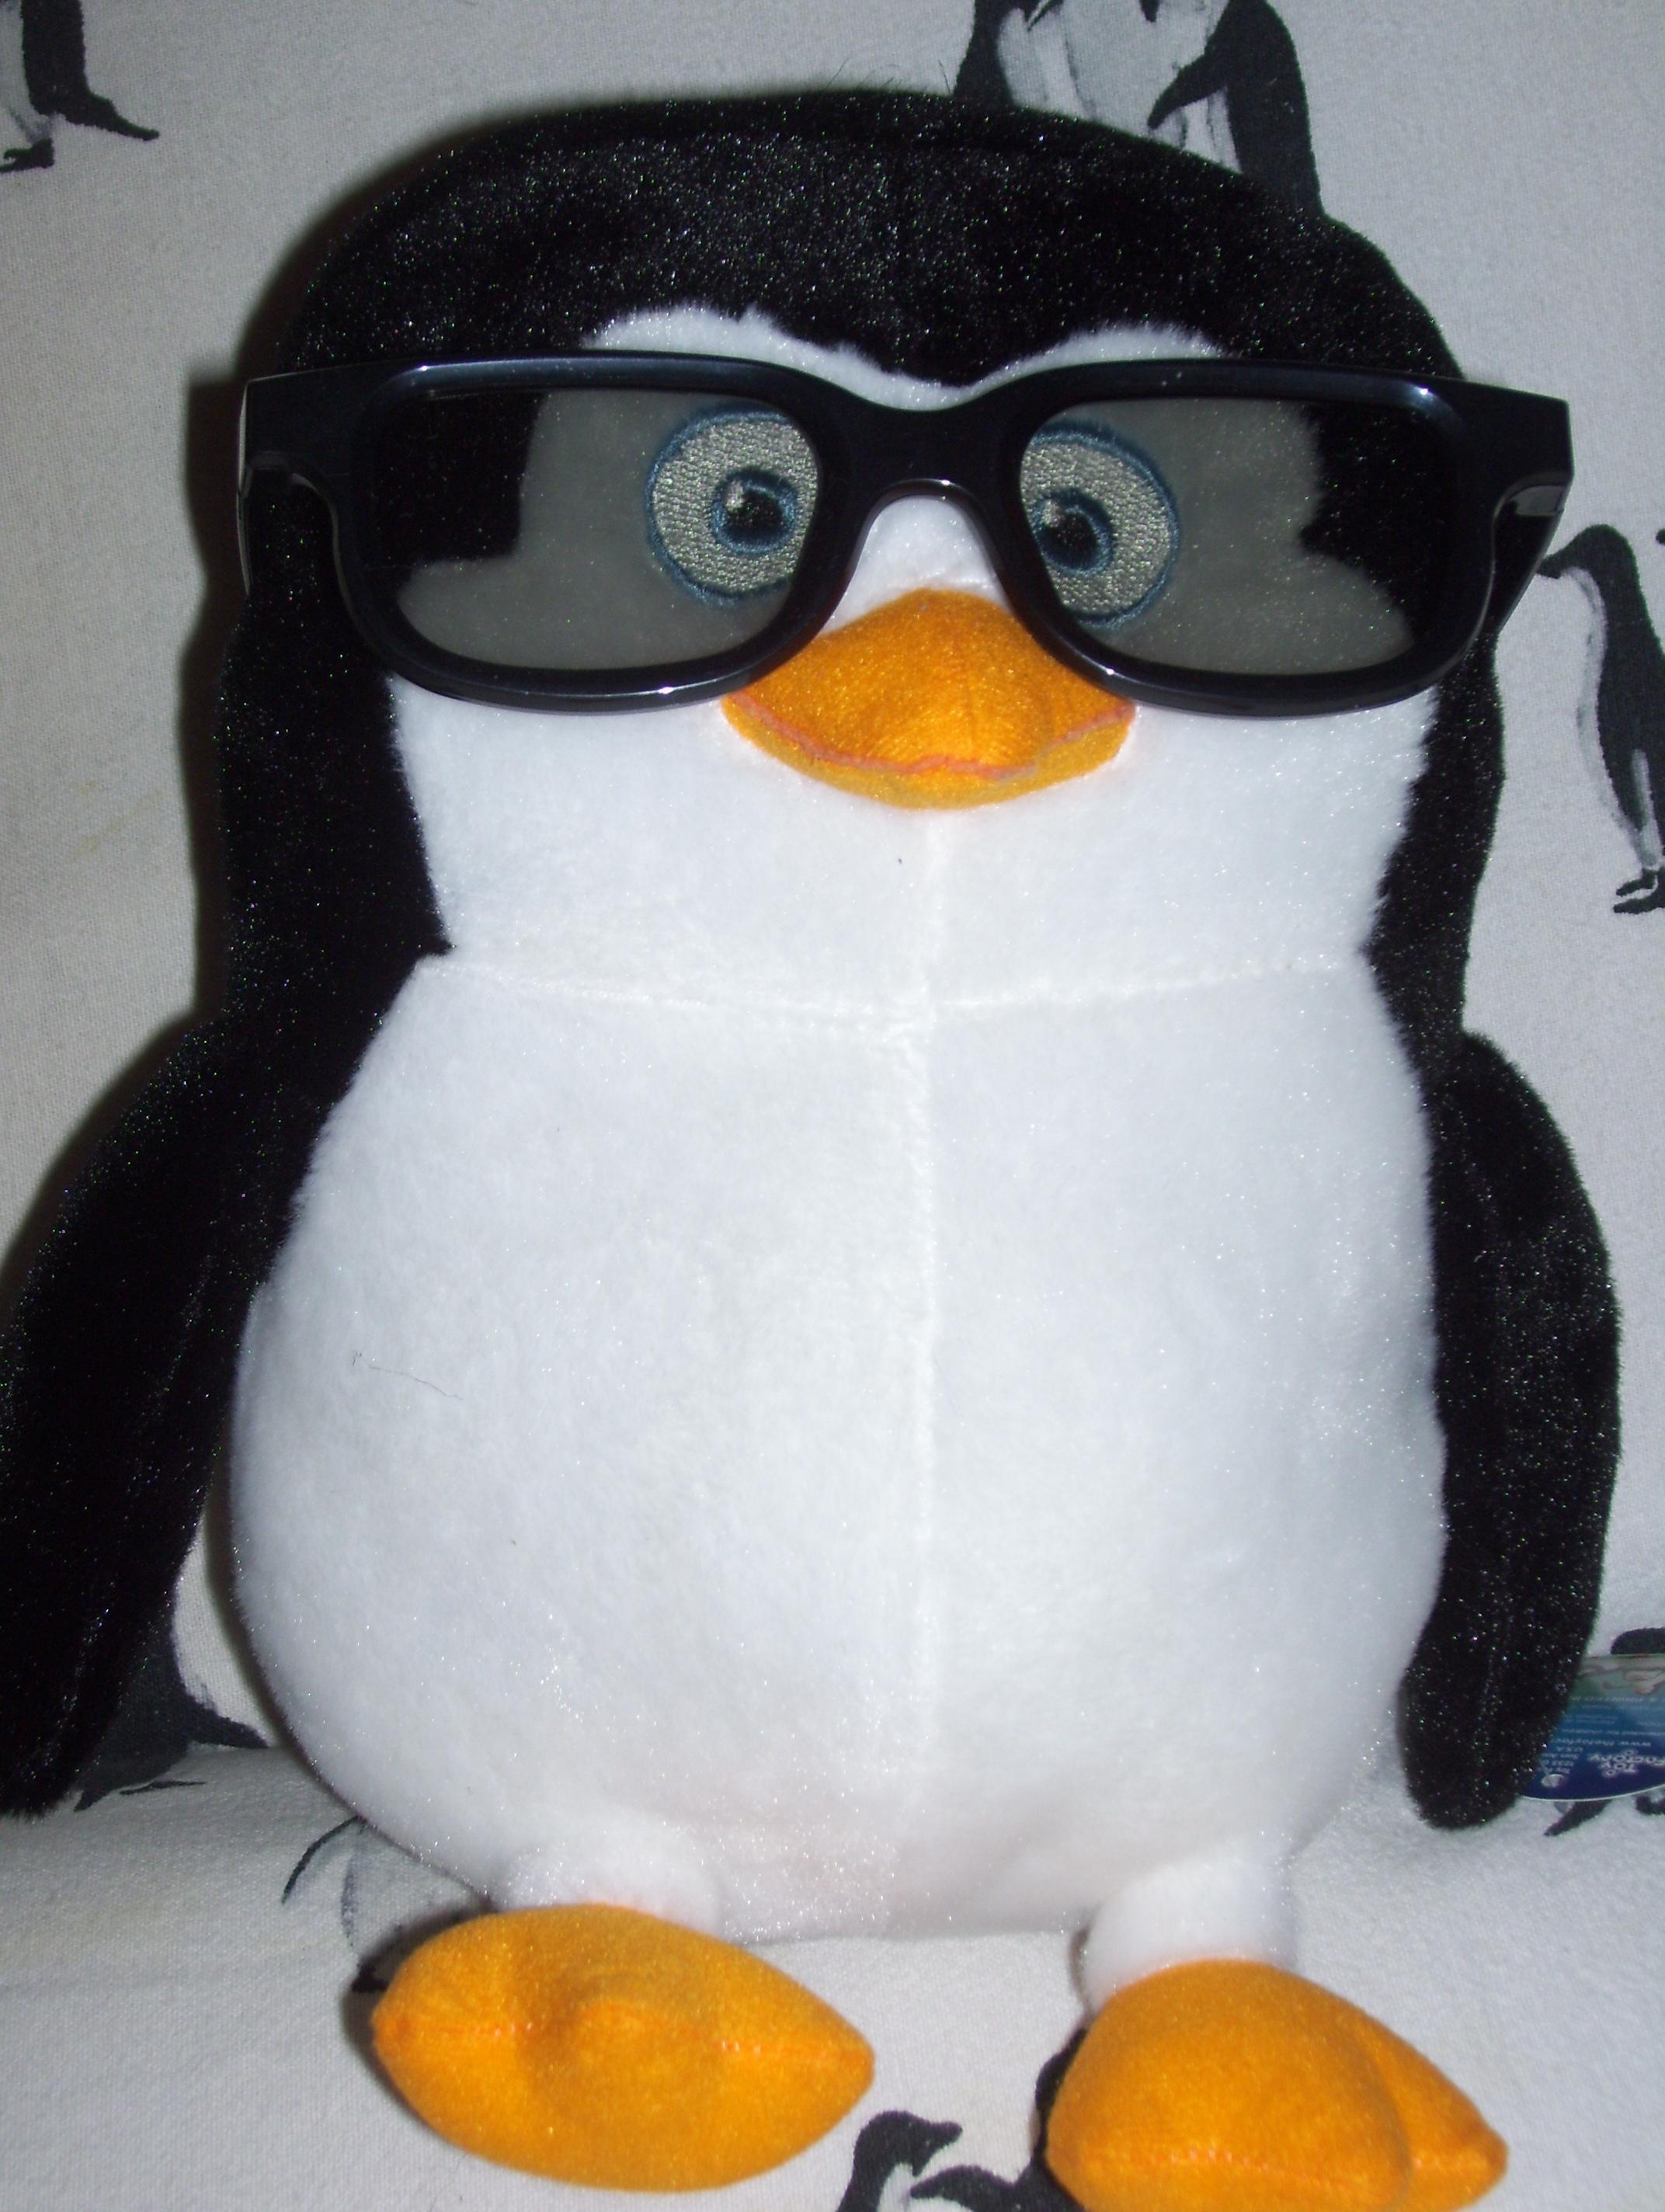 马达加斯加的企鹅 images